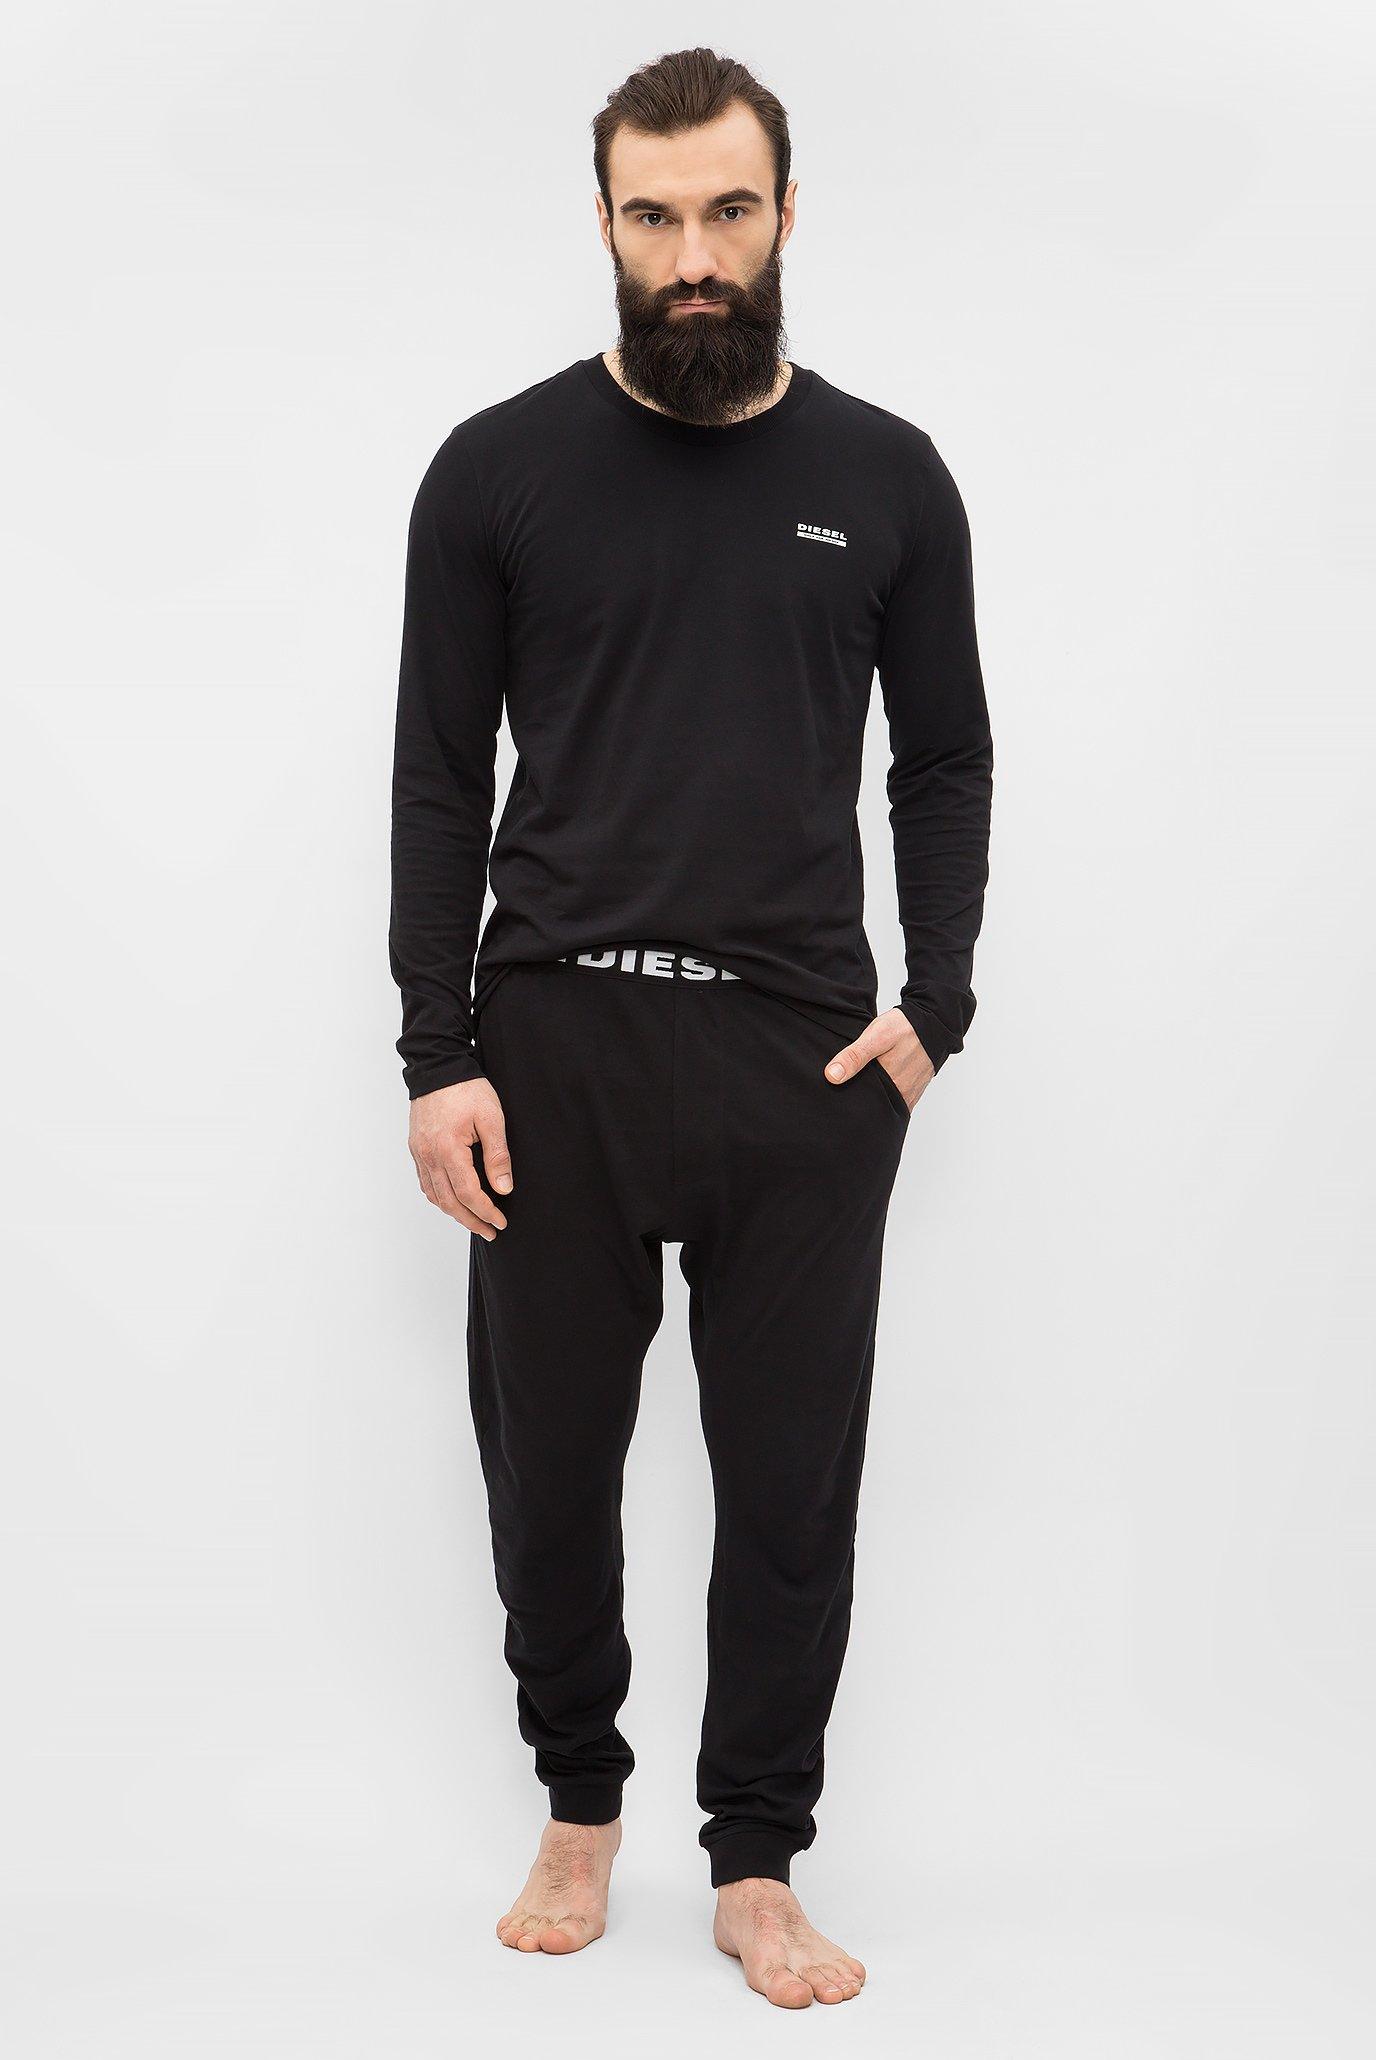 73ab1382df689 Купить Мужская черная пижама (лонгслив, брюки) Diesel Diesel 00S9ND 0CALD –  Киев, Украина. Цены в интернет магазине MD Fashion